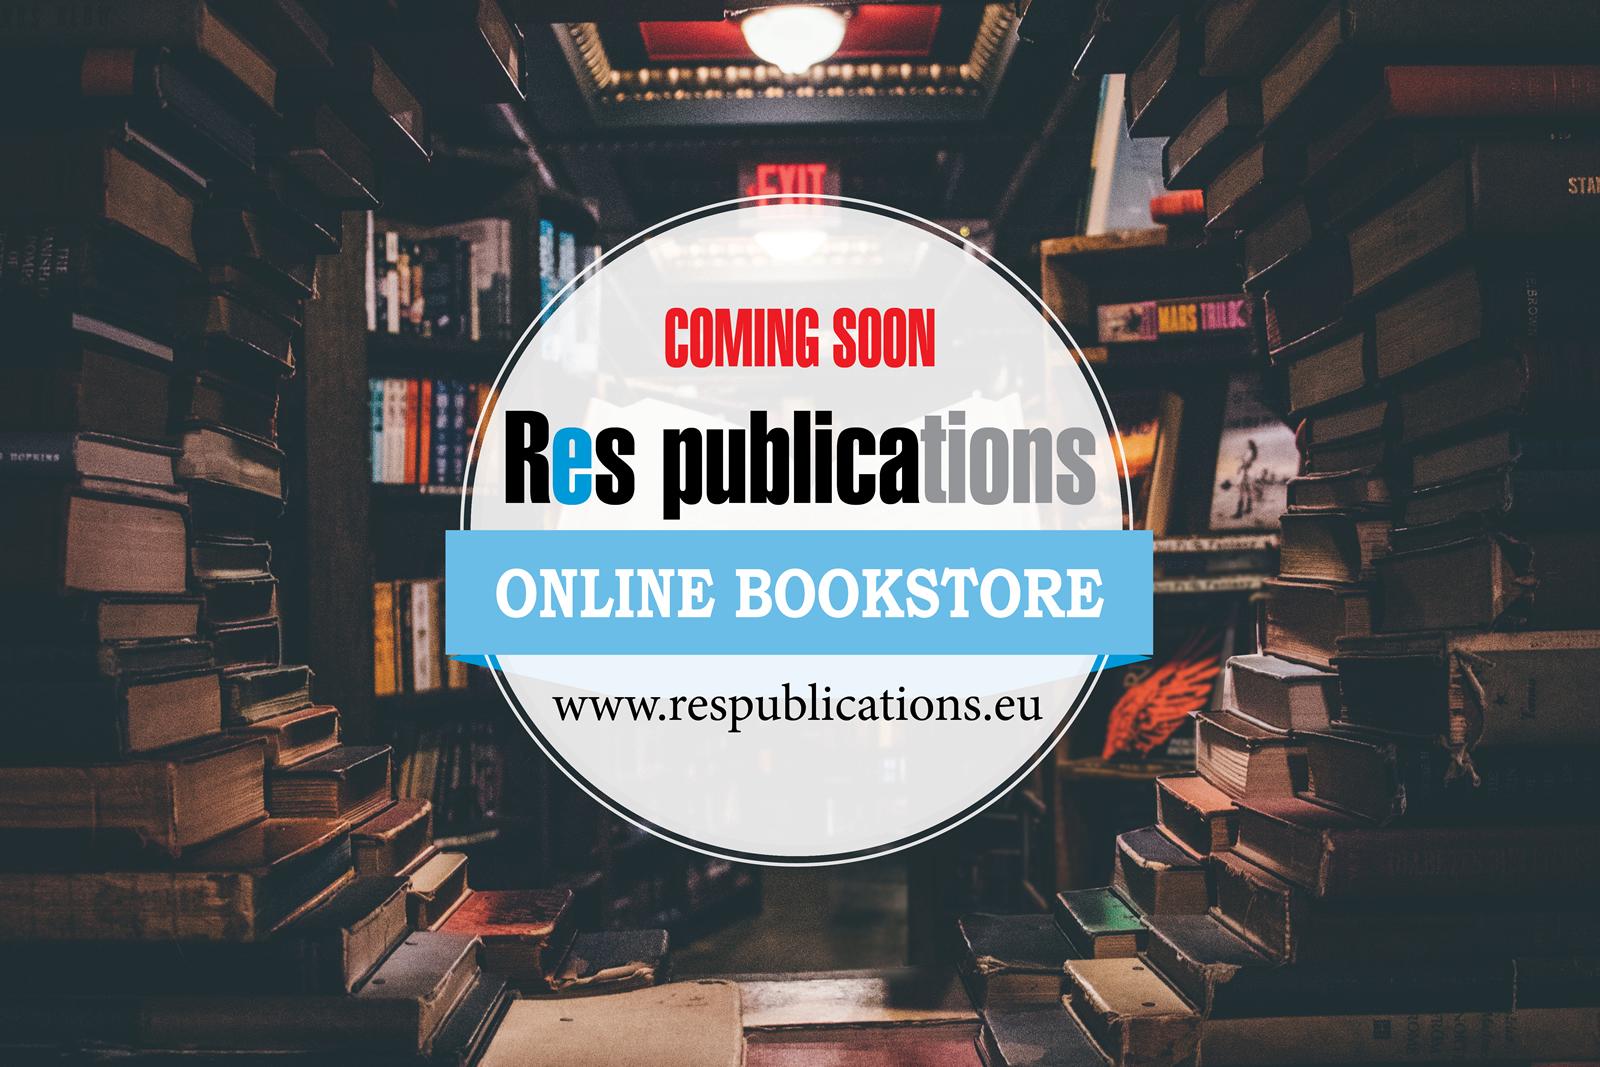 Spletna knjigarna Respublications